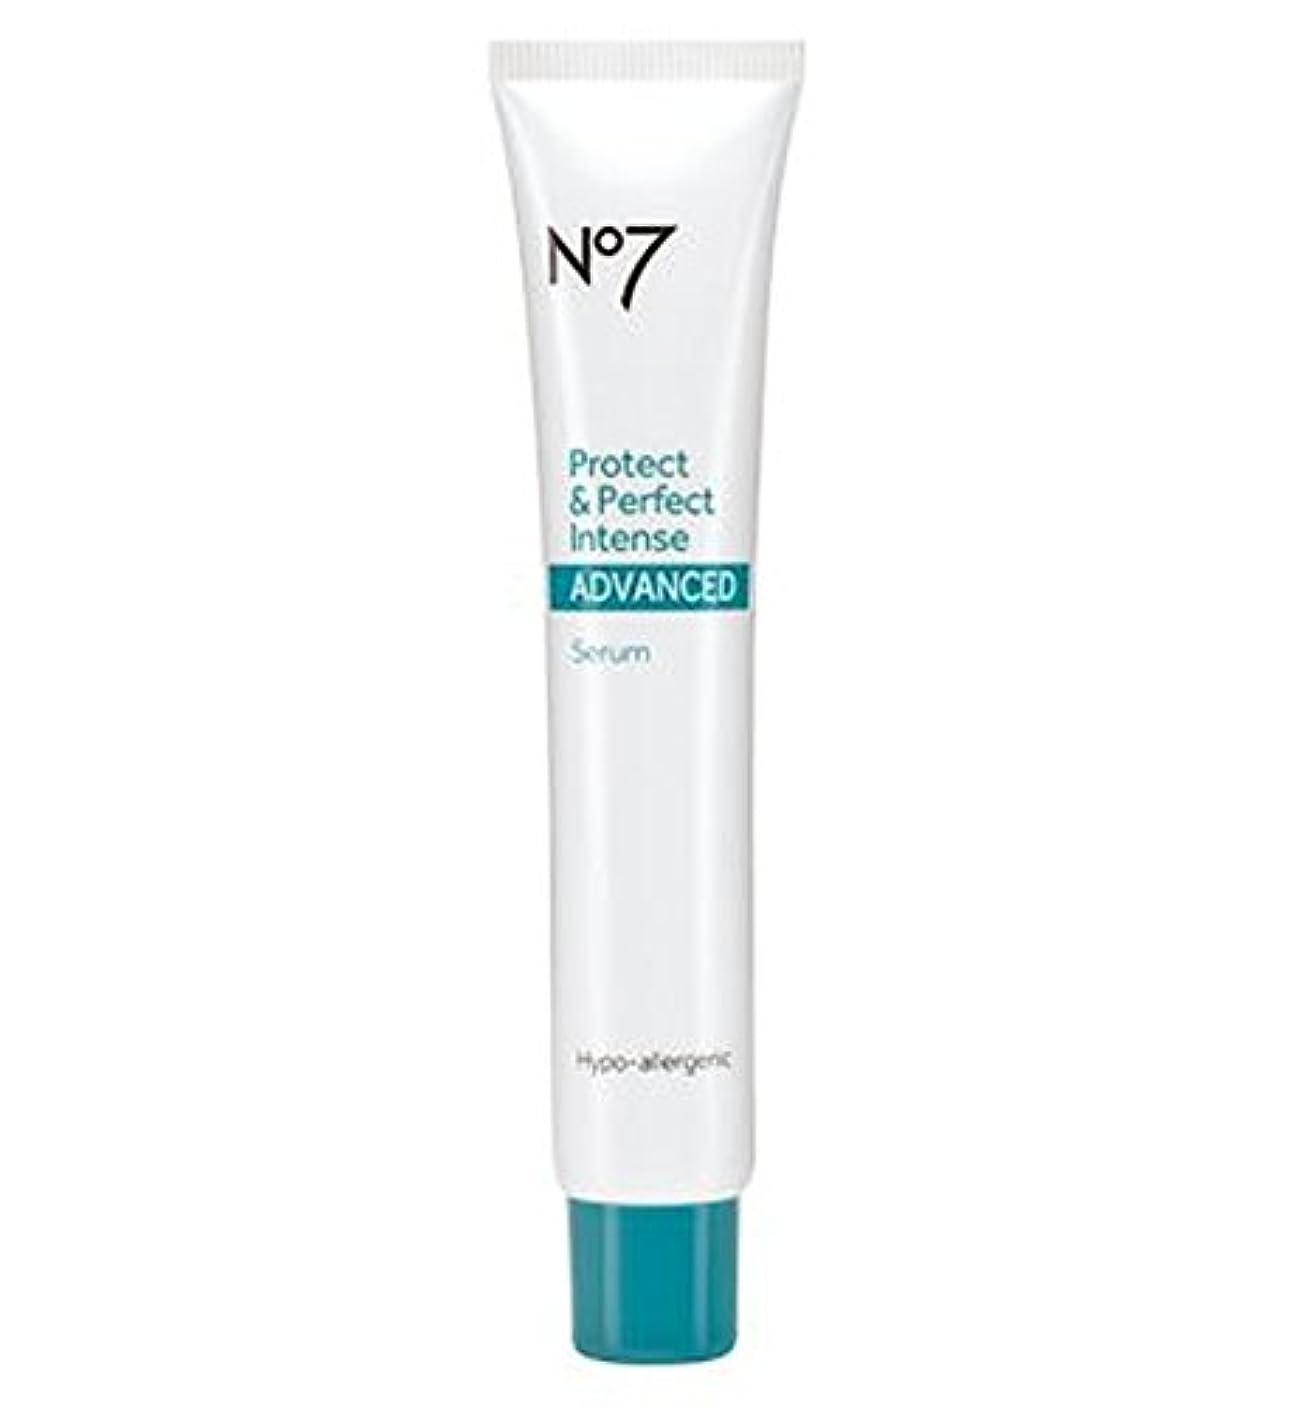 襲撃探検ラグNo7 Protect and Perfect Intense ADVANCED serum 50ml - No7保護し、完璧な強烈な高度な血清50ミリリットル (No7) [並行輸入品]